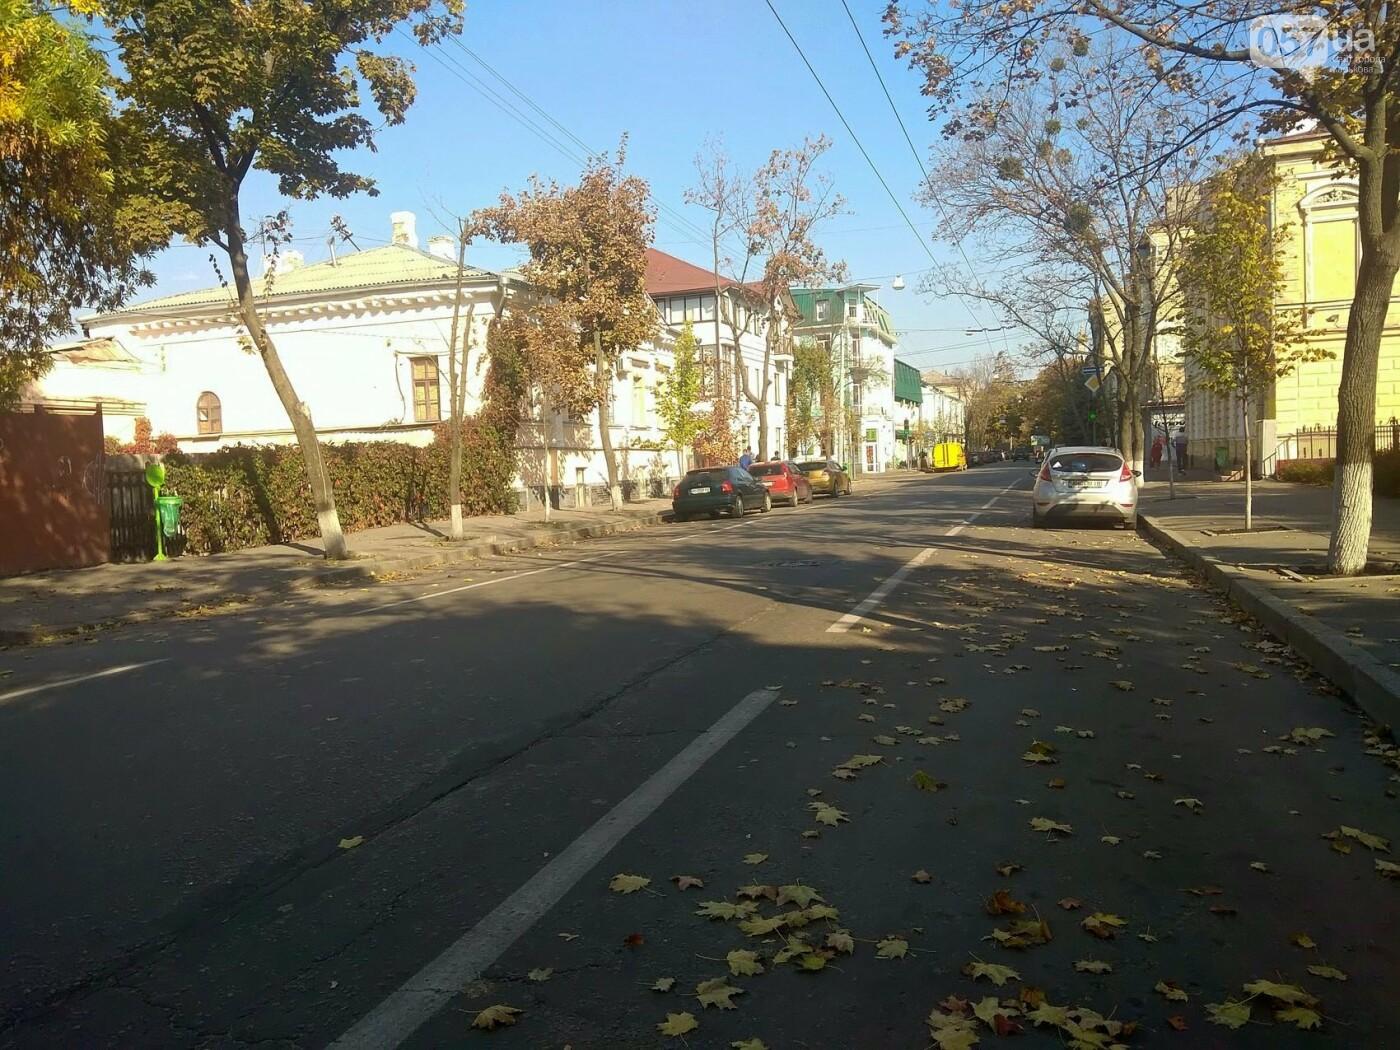 В Харькове на ремонт километровой улицы потратят 27 миллионов гривен, - ФОТО, фото-2